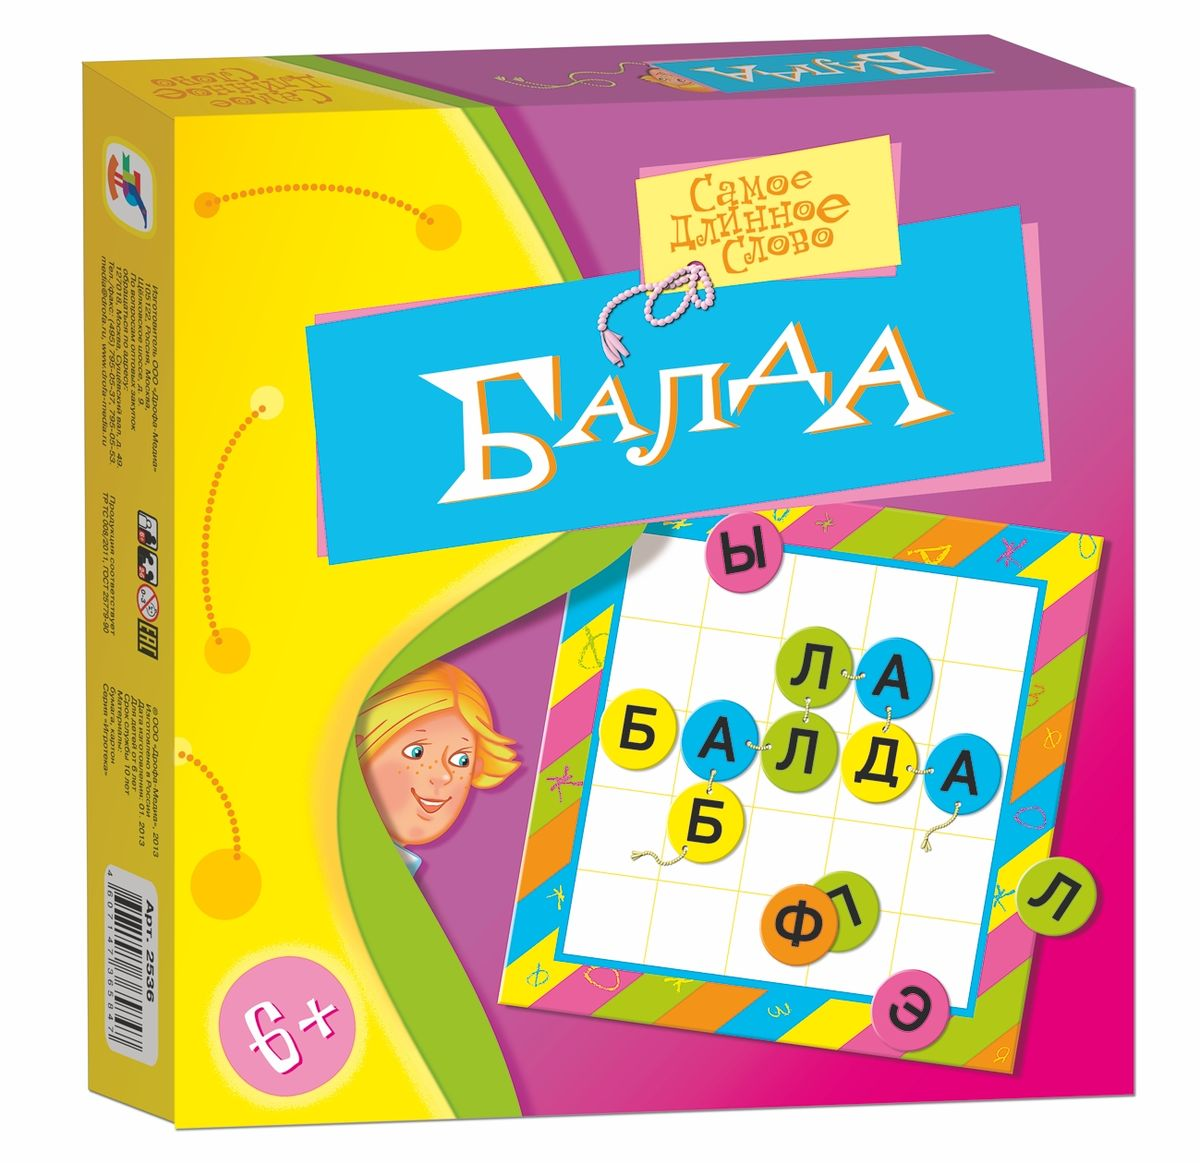 Дрофа-Медиа Настольная игра Балда дрофа медиа настольная игра викторина первоклассника